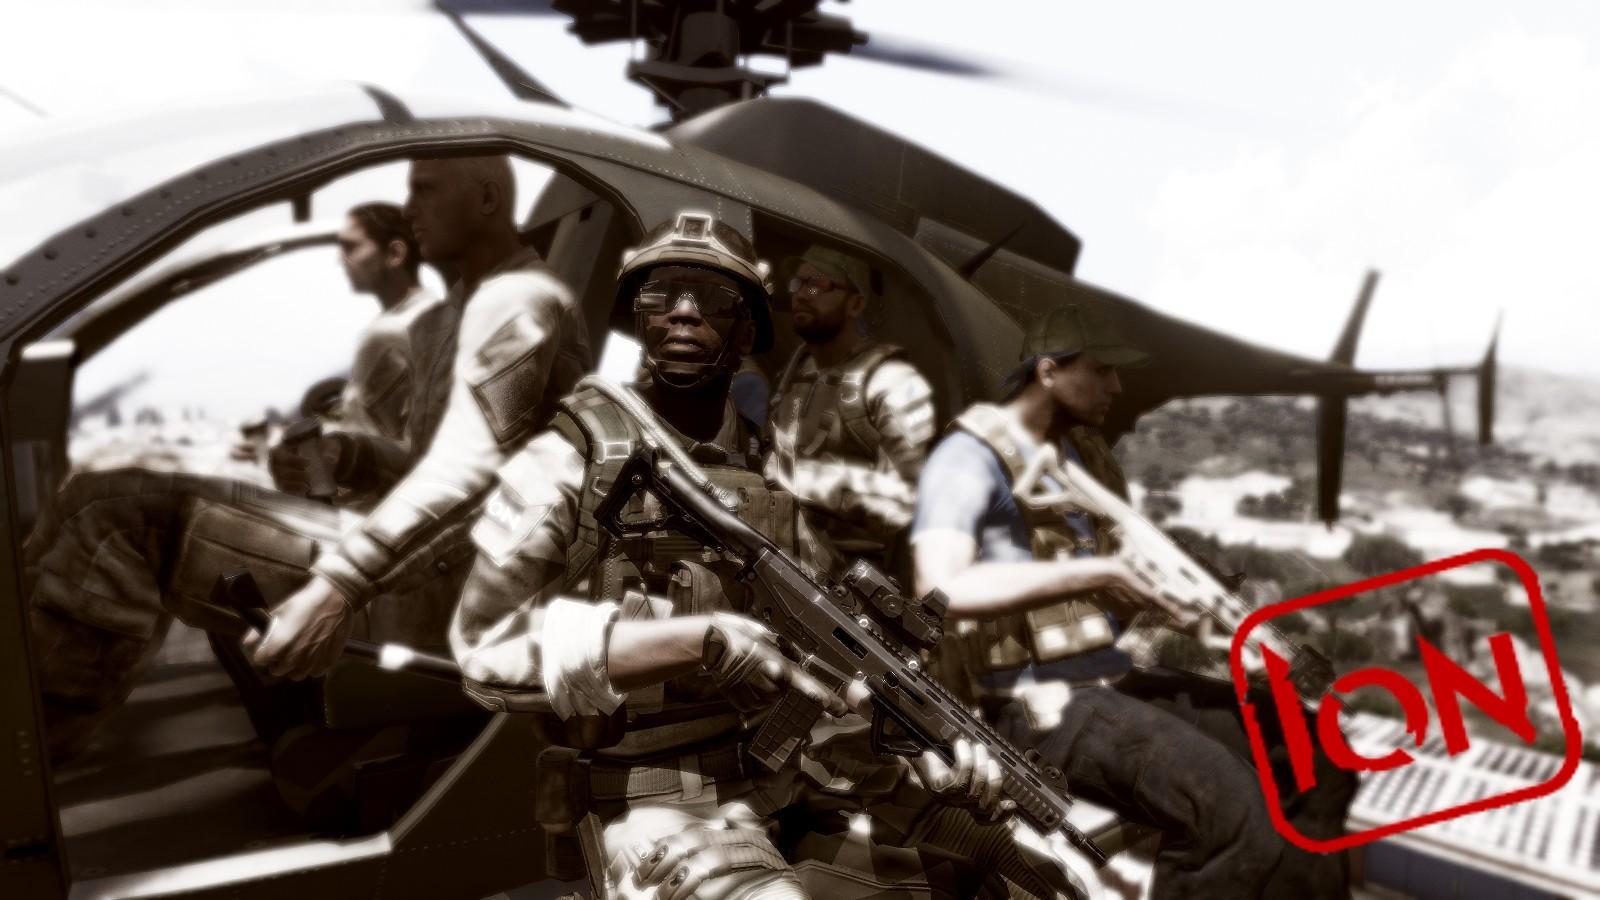 Campaign M E R C S  | Make Arma Not War